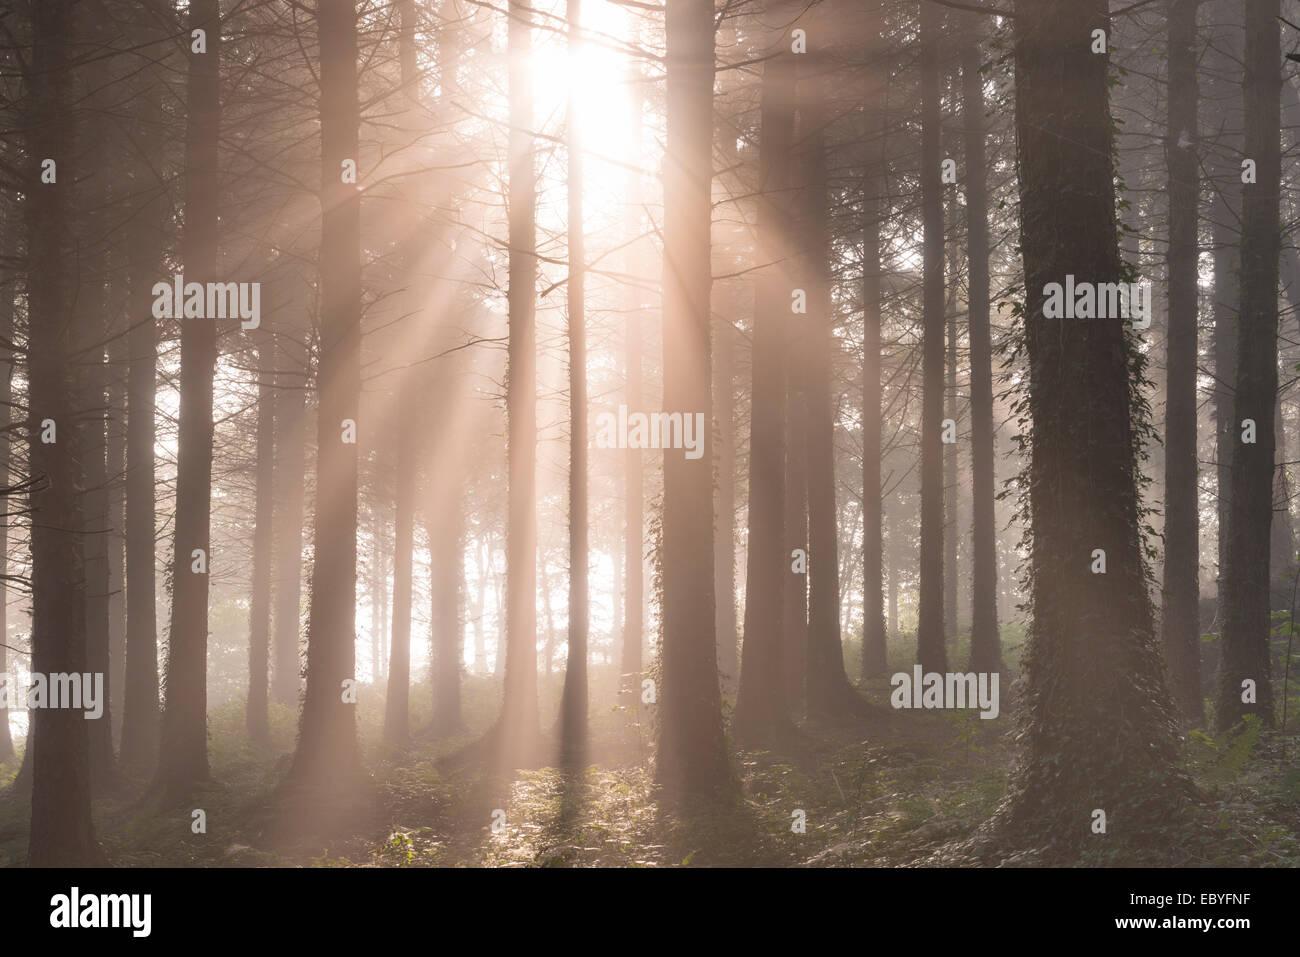 Soleil tôt le matin d'eau dans une pinède misty, Devon, Angleterre. L'automne (septembre) 2014. Photo Stock